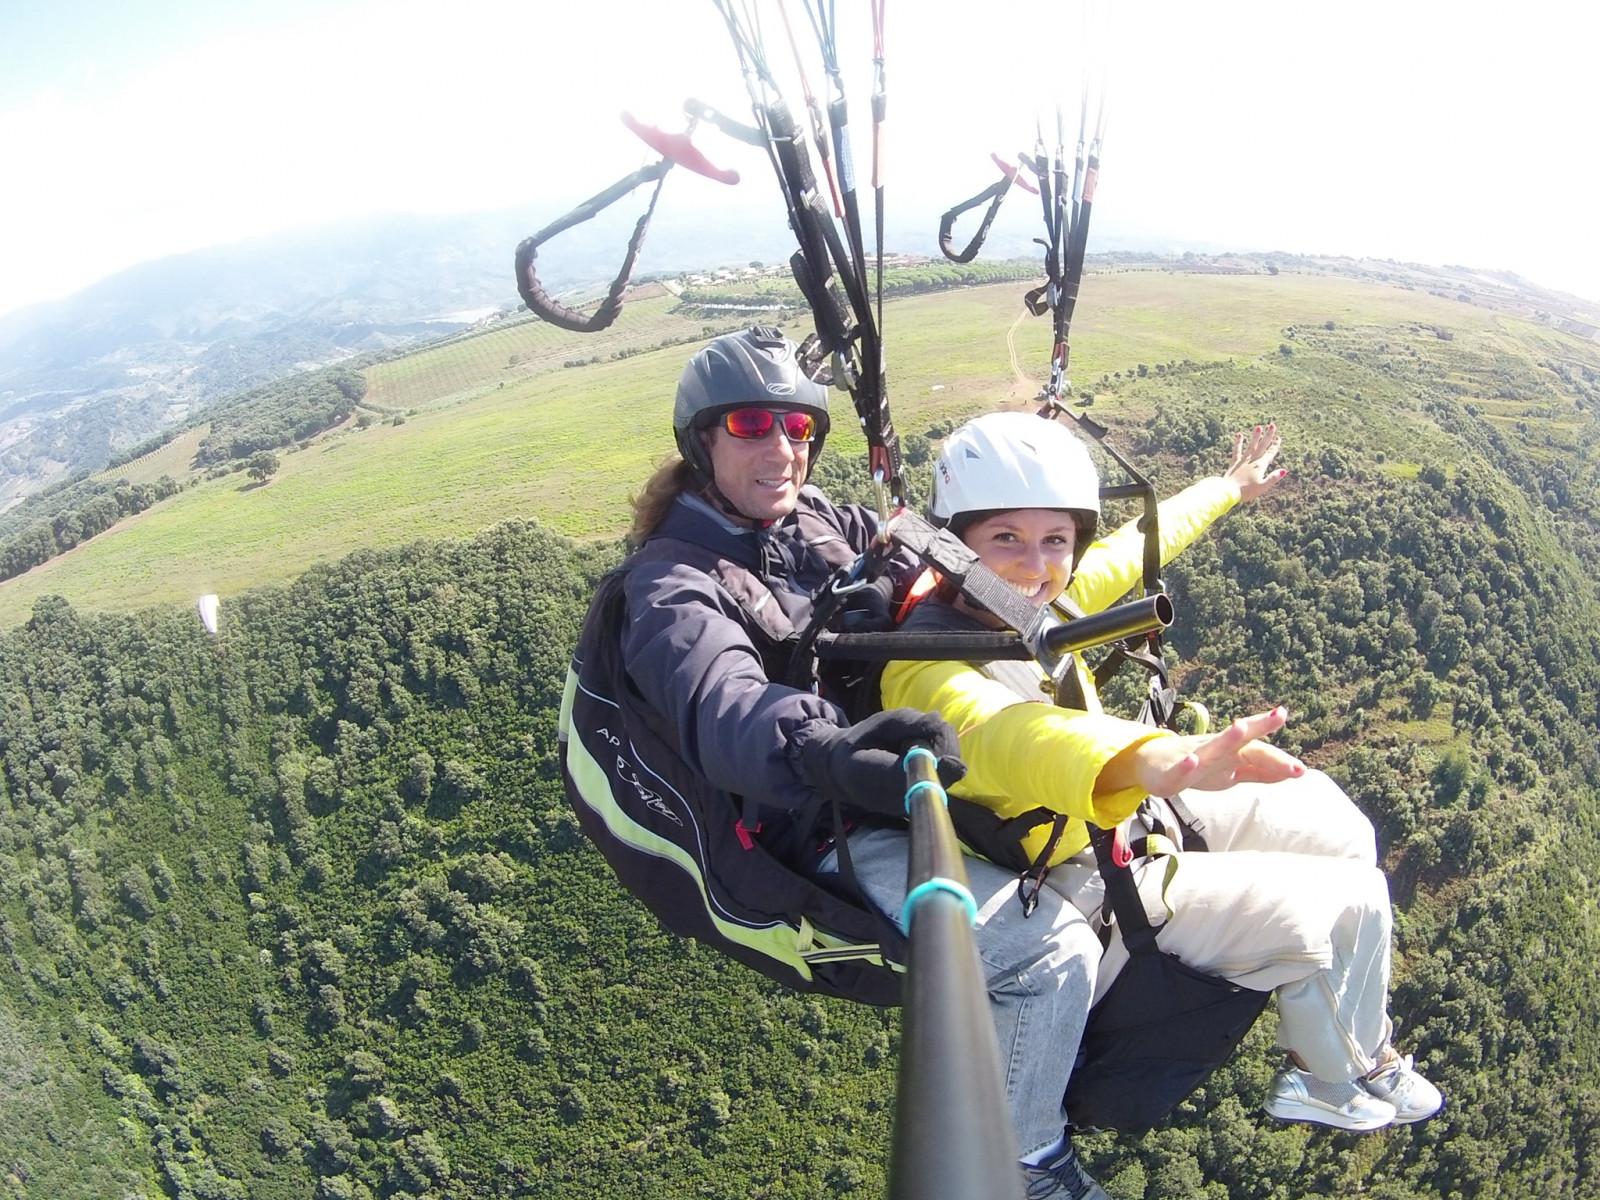 Volo in parapendio biposto sul borgo di Stilo